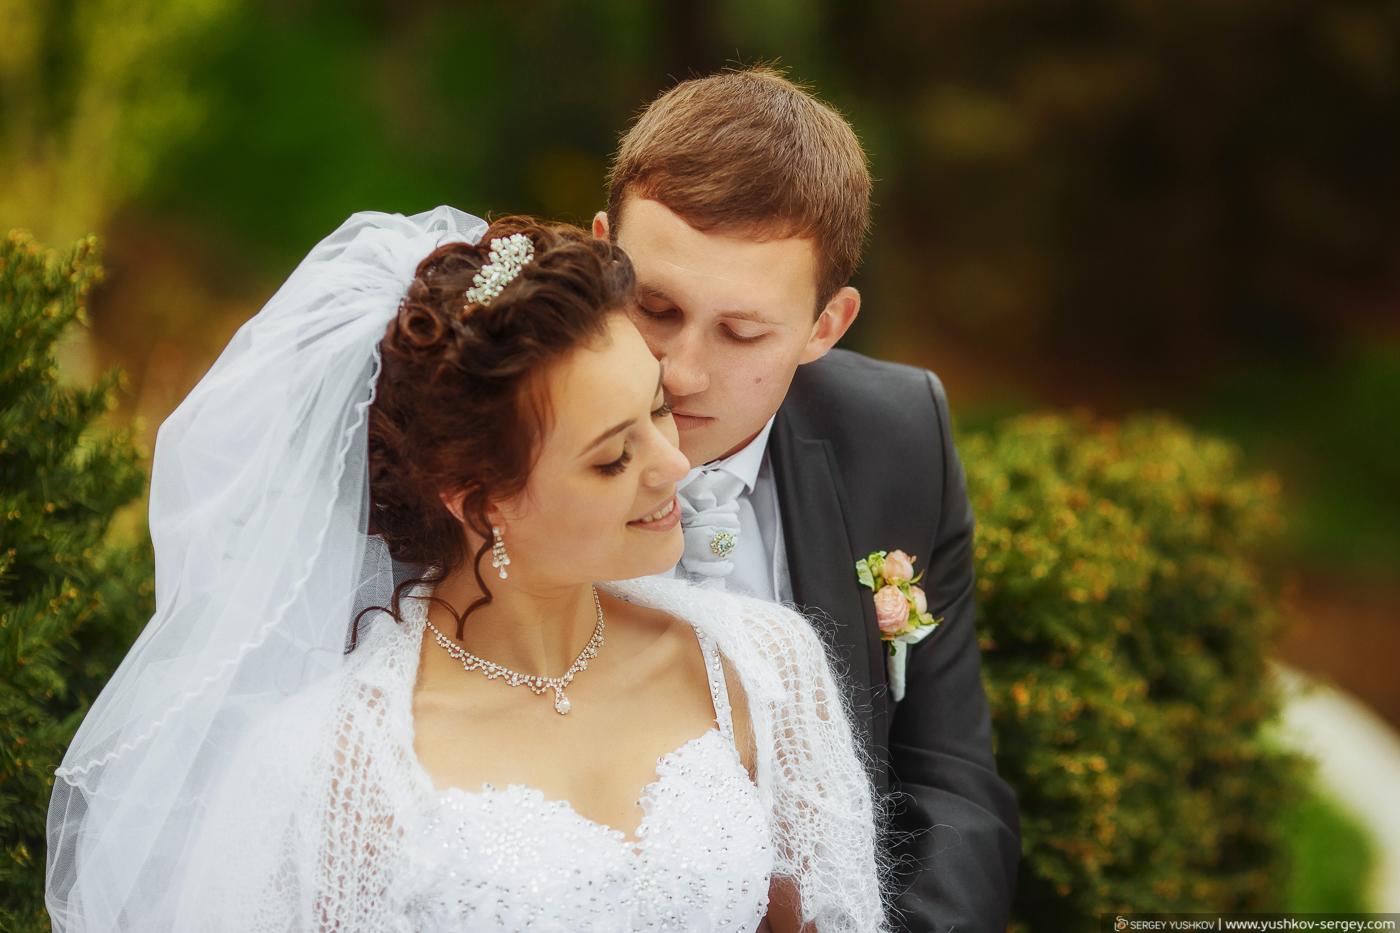 Свадьба «Для двоих» в Крыму. Наташа и Евгений